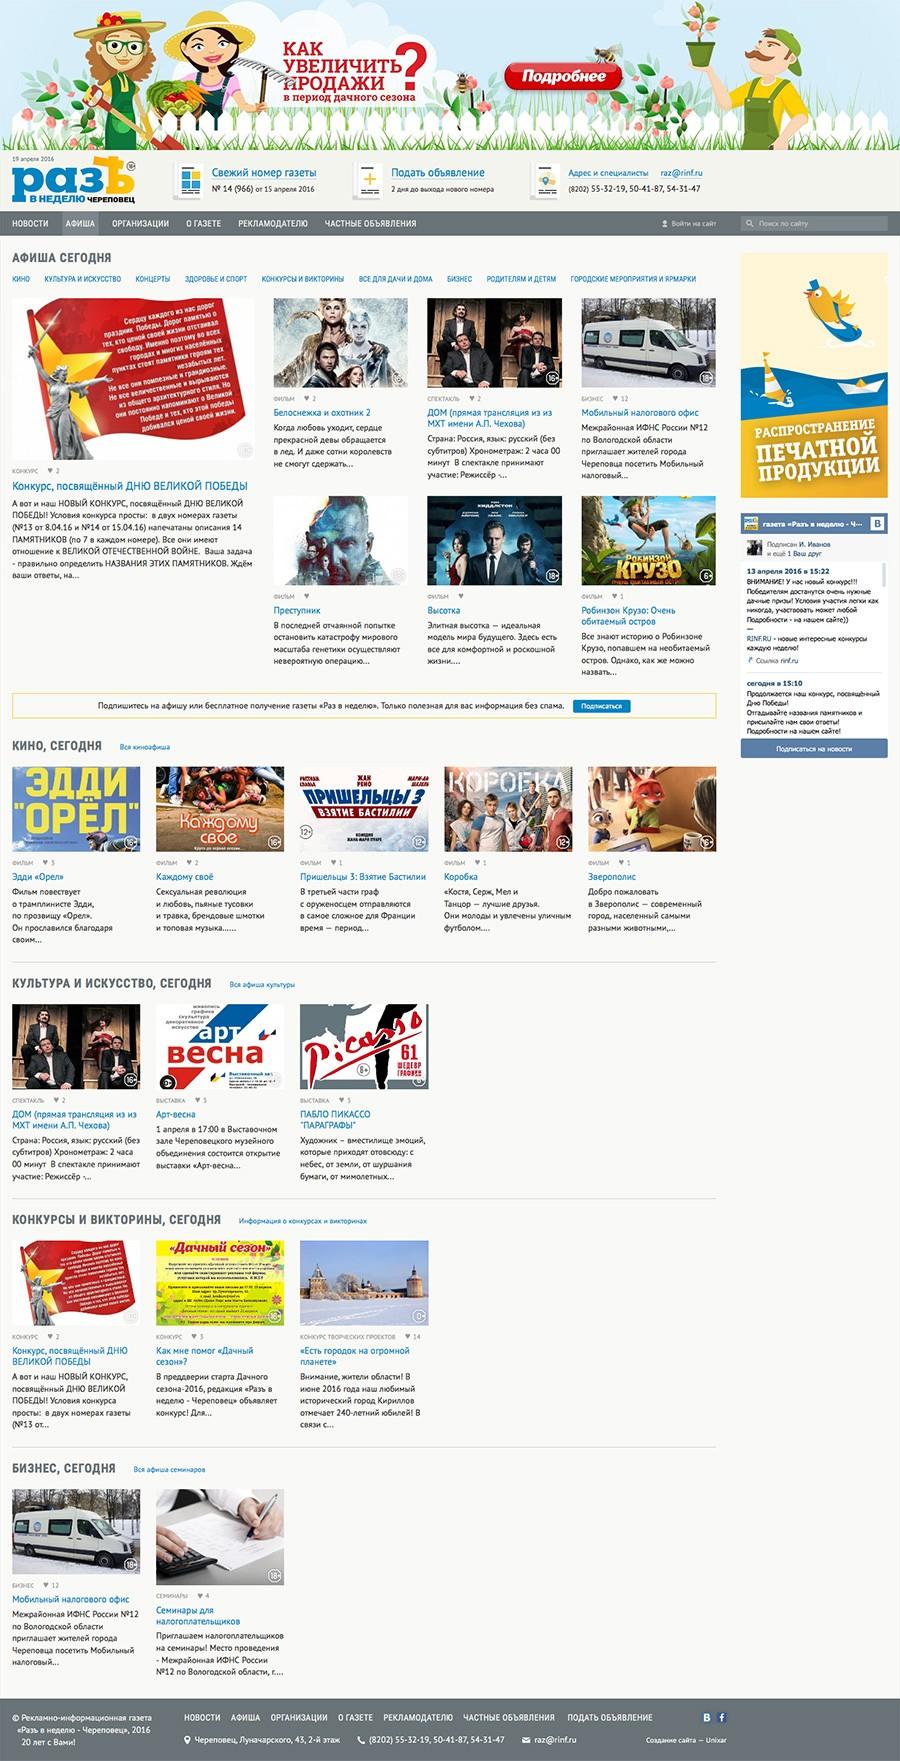 Главная страница раздела афиши. Показываются события на сегодня, завтра или уикенд, в зависимости от дня недели и текущего времени